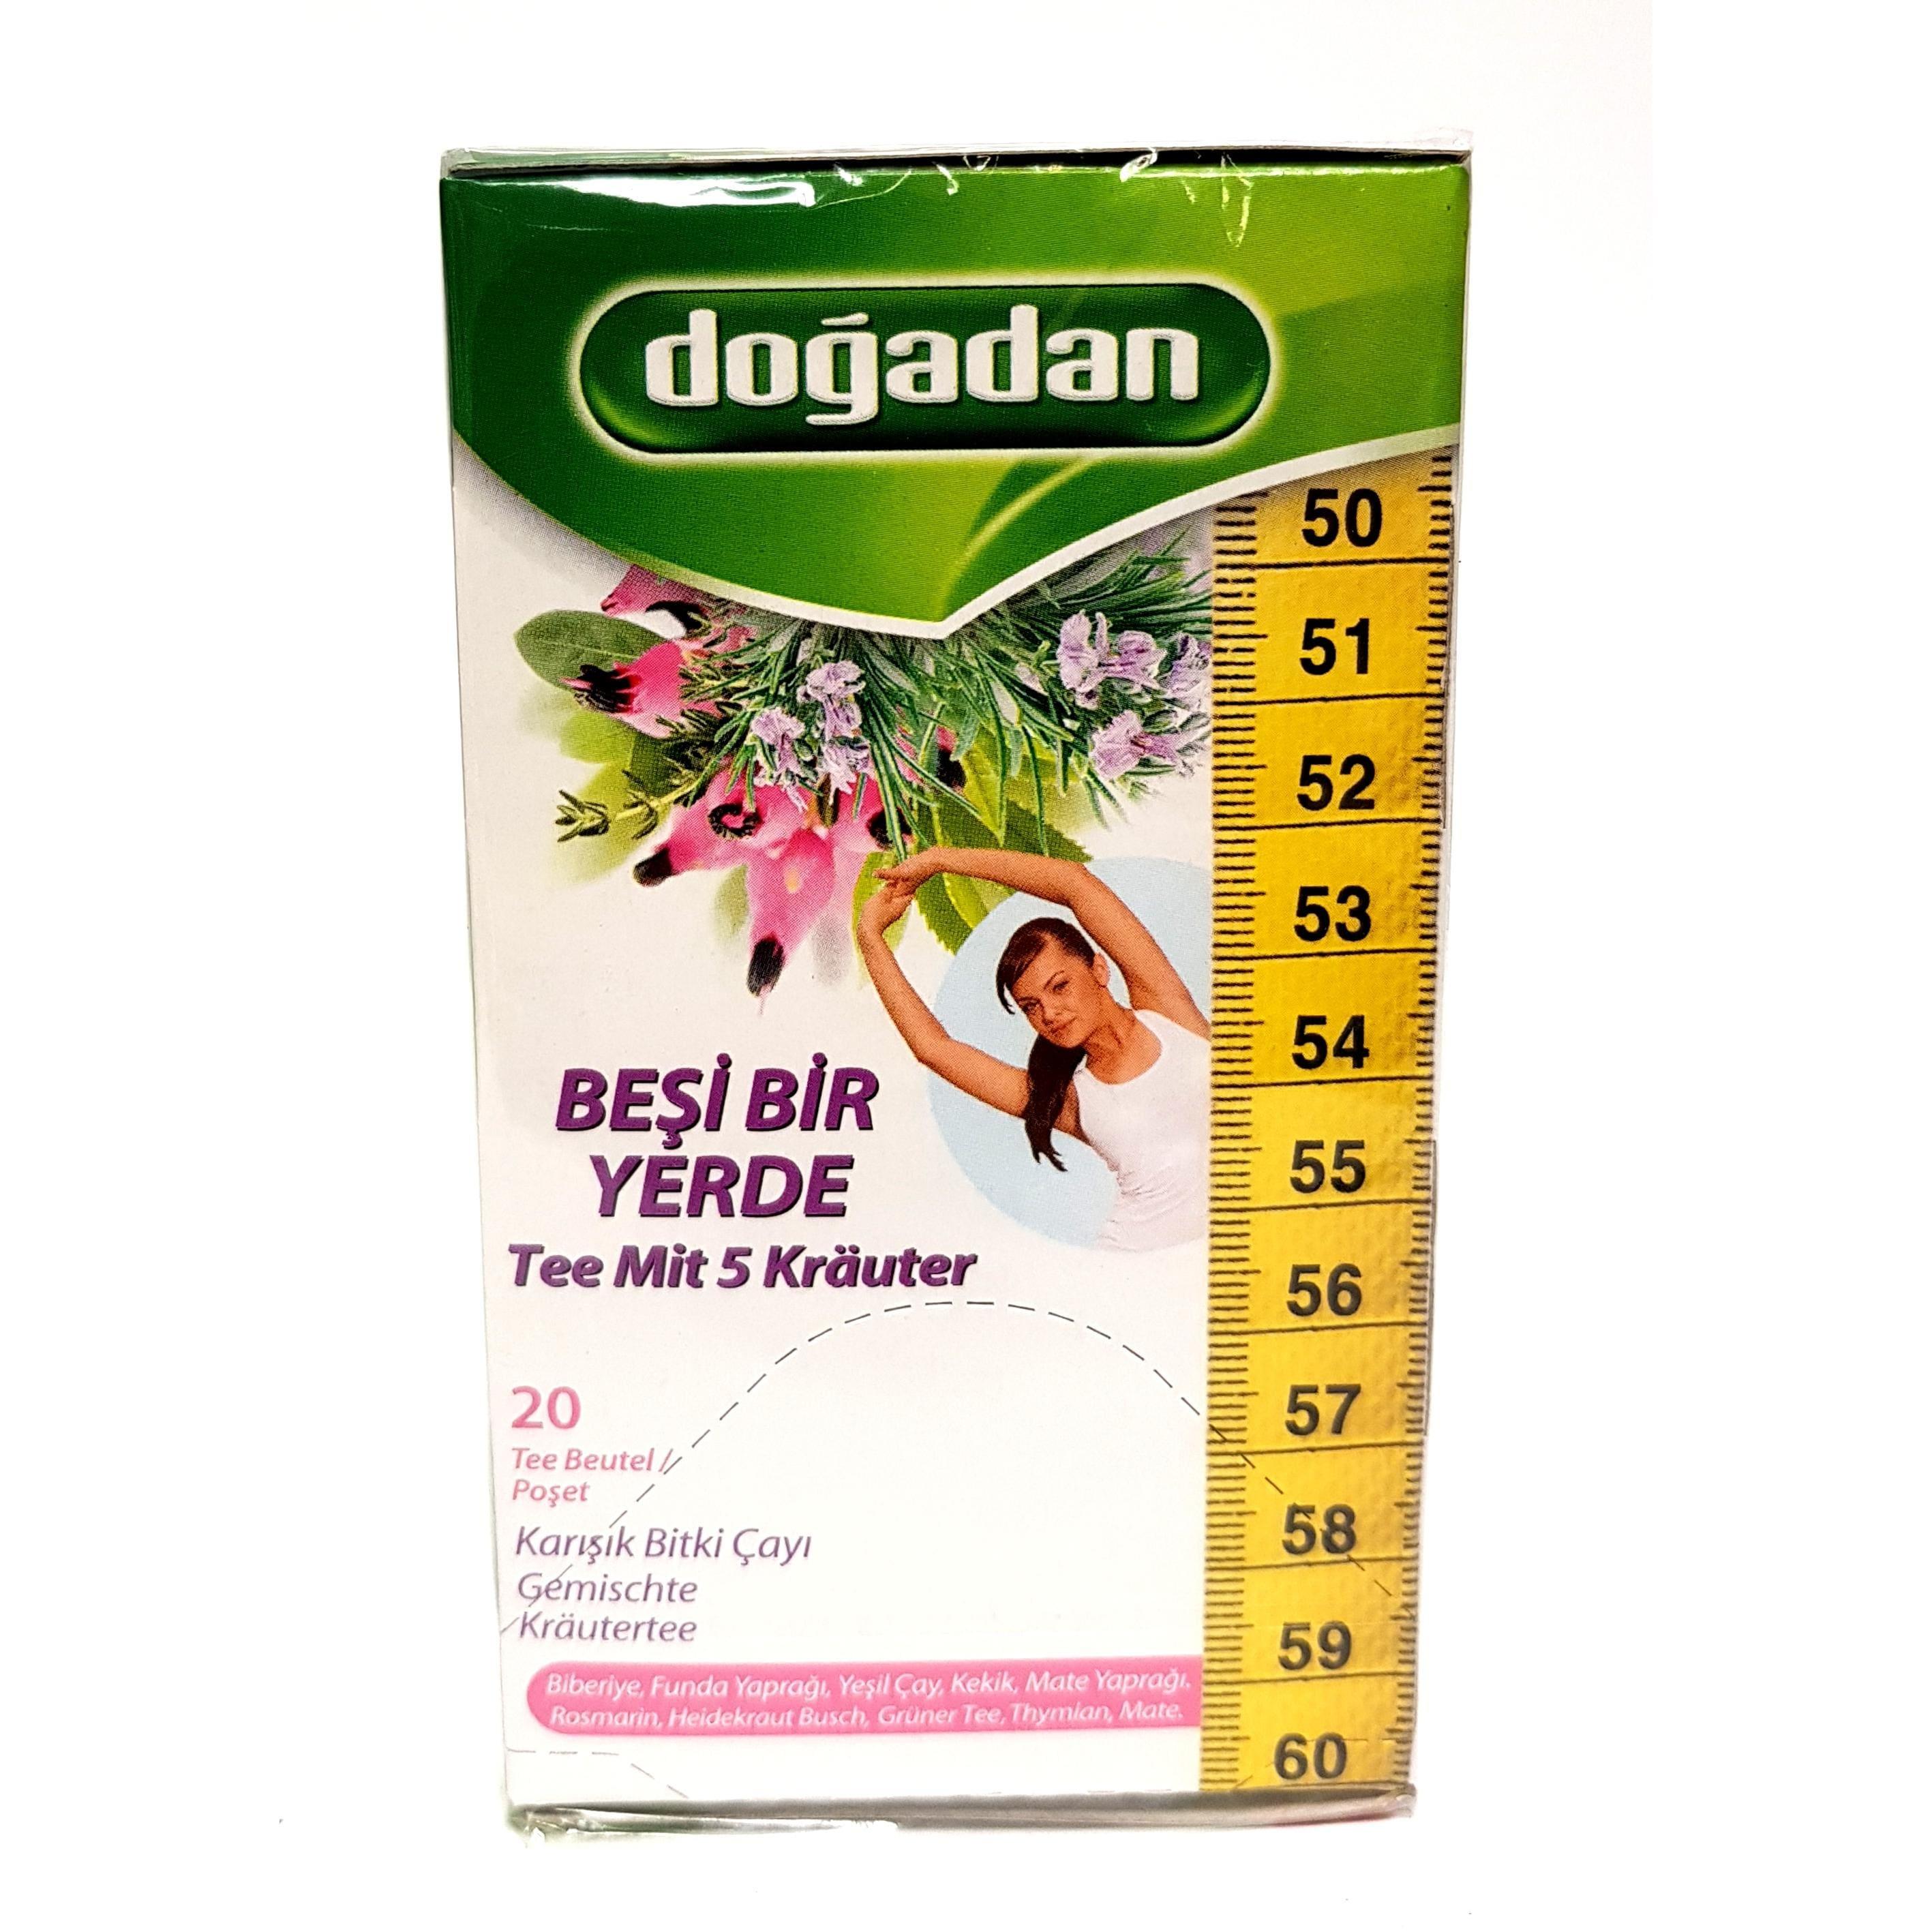 Dogadan Tee aus fünf Kräutern (20 x 1,5g Beutel) 30g